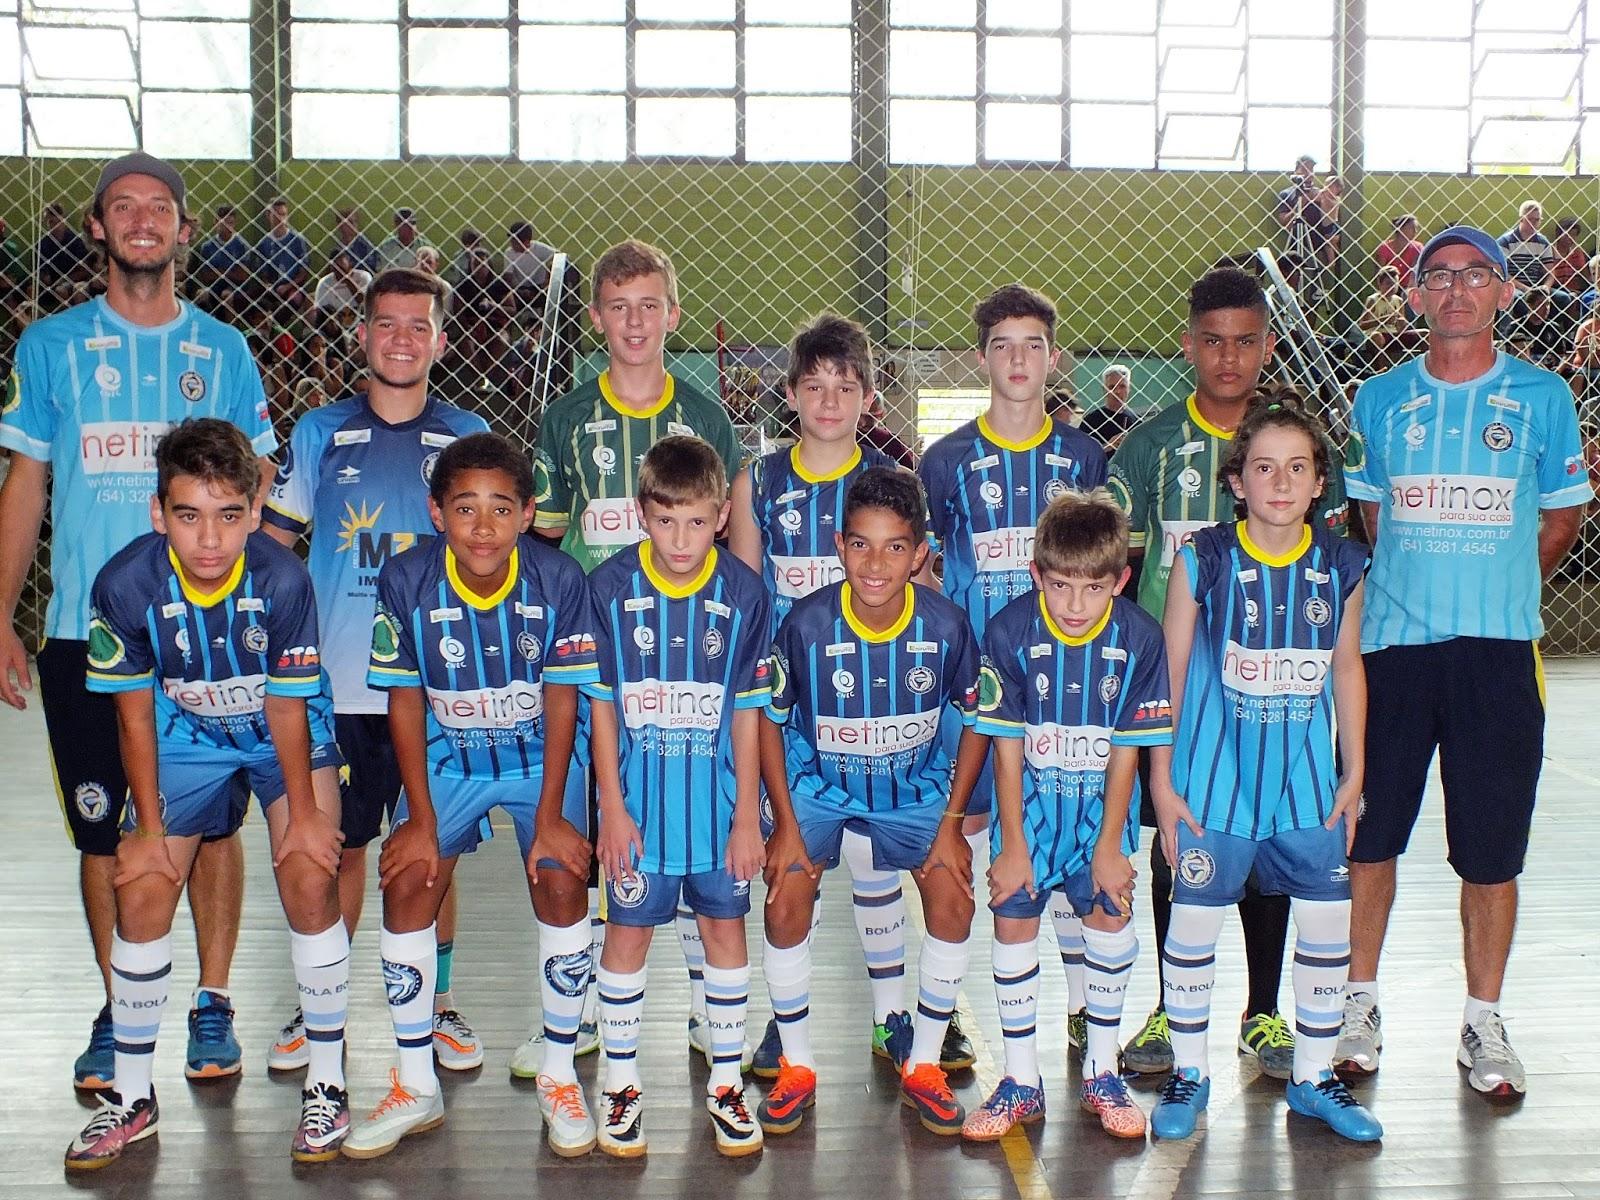 d7ad03827 Categoria Sub-13 da Escolinha Bola Bola. Foto - Vinícius Martins